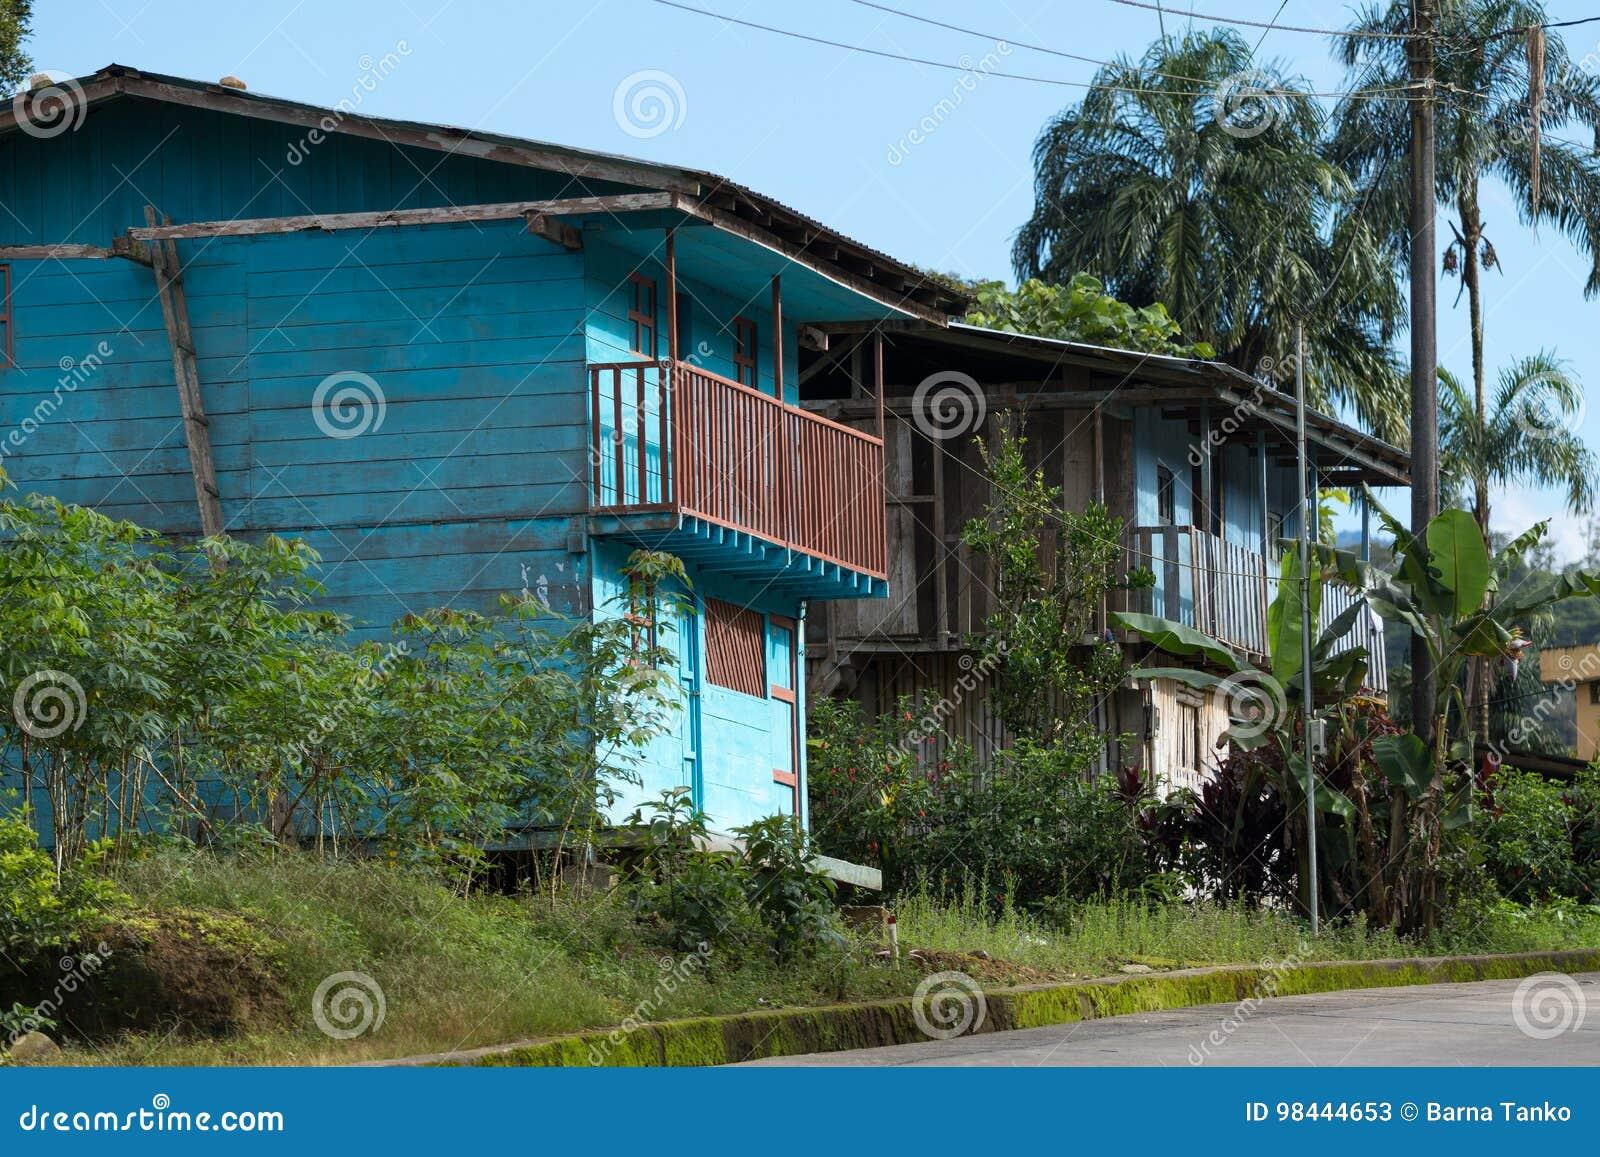 Casas De Madera En La Selva Foto De Archivo Editorial Imagen De